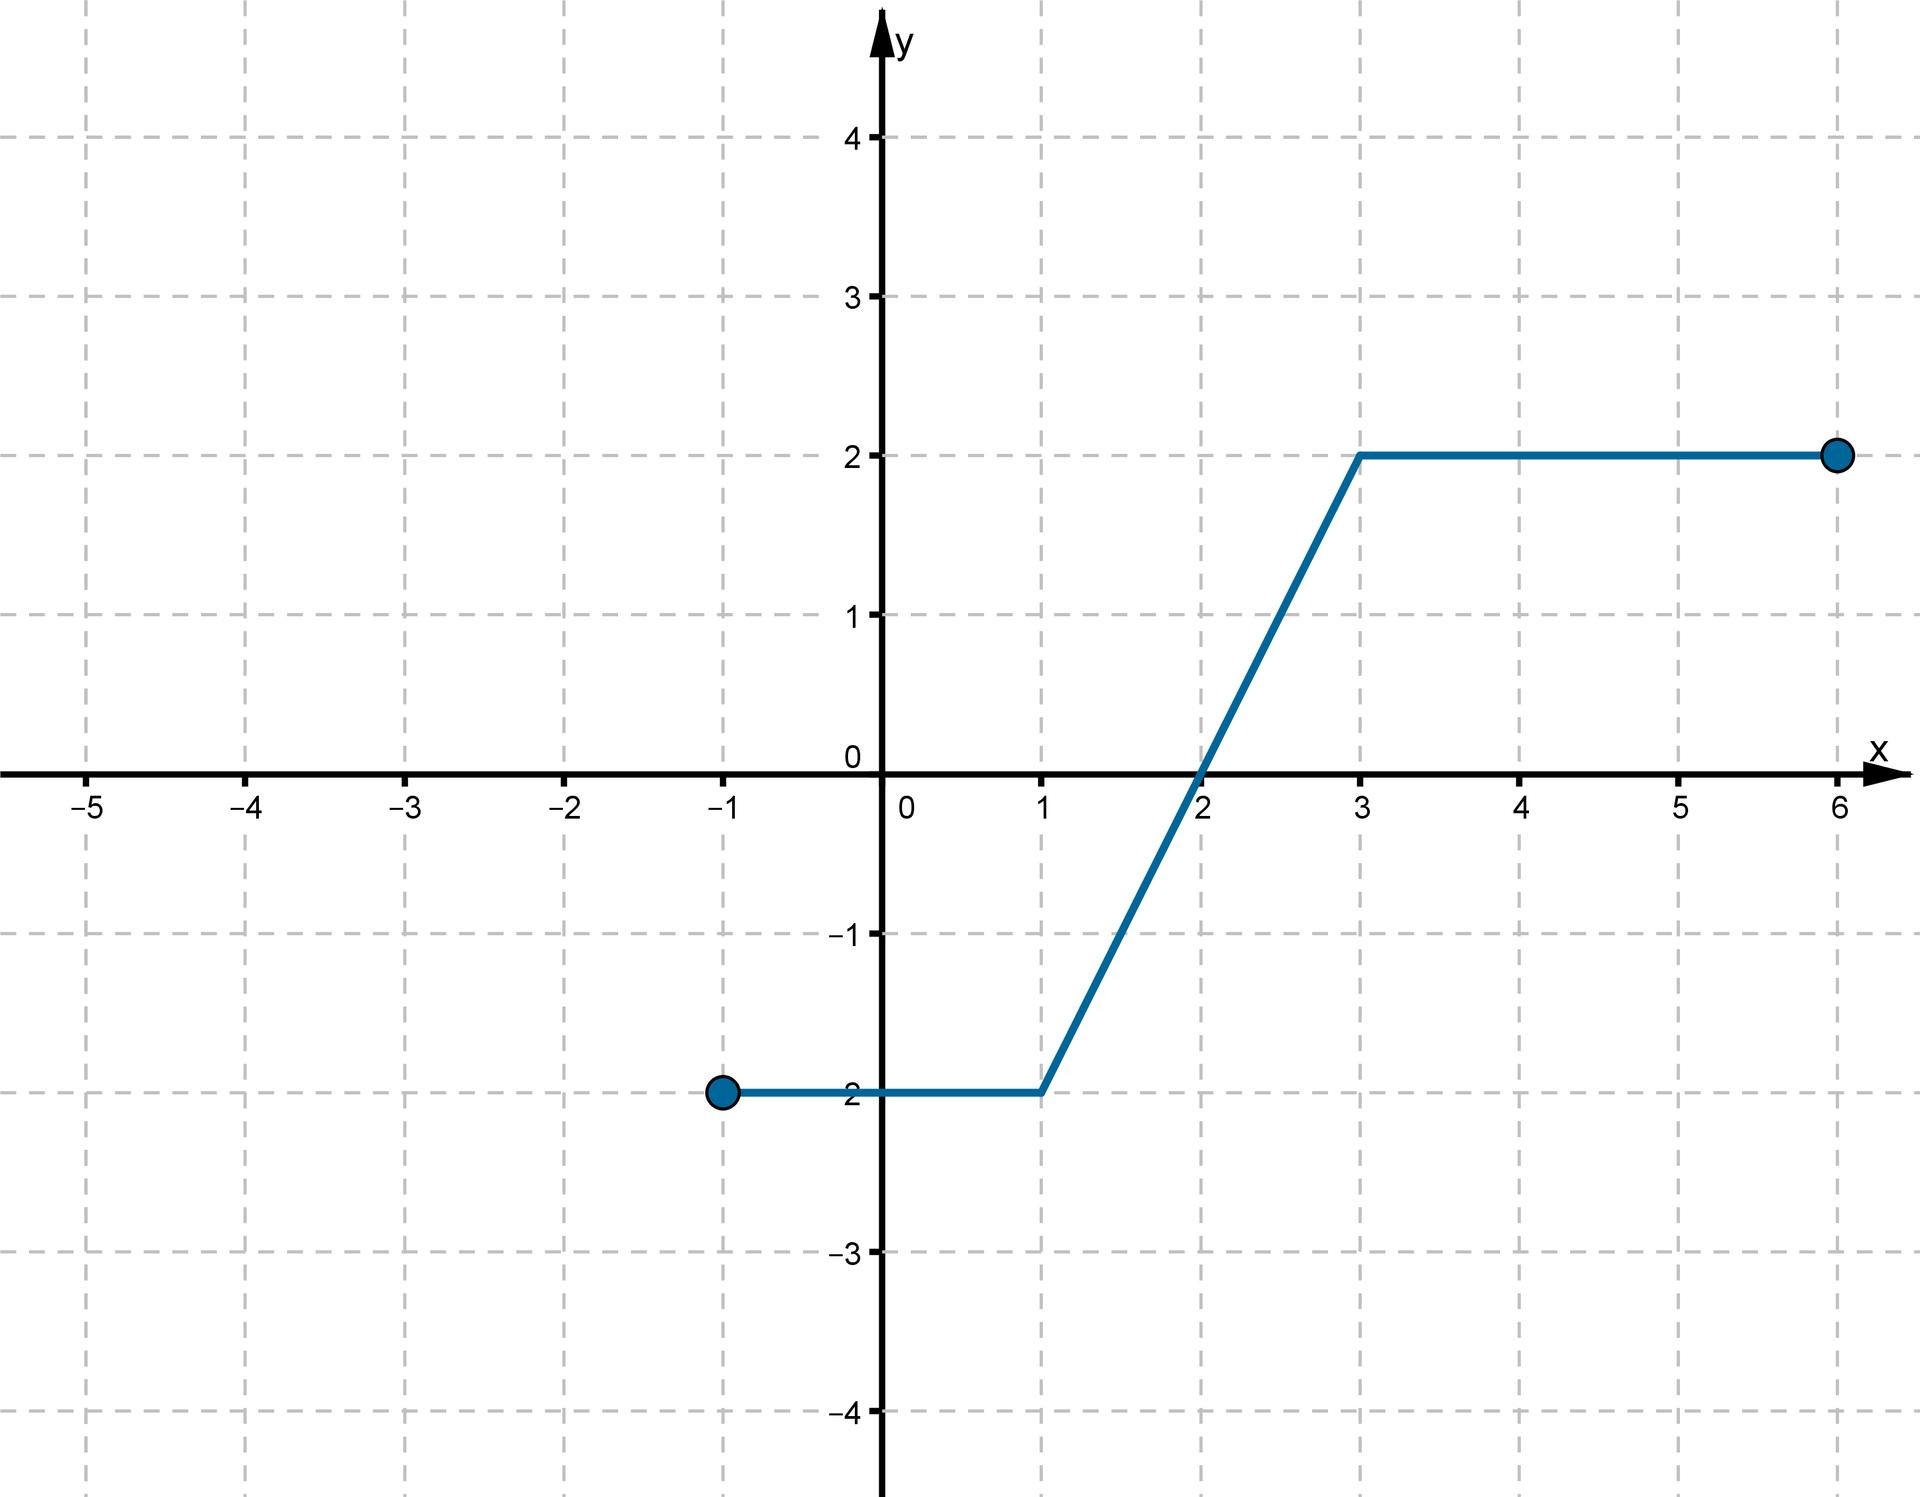 Wykres otrzymany wwyniku przesunięcia funkcji fo2 jednostki wprawo wzdłuż osi OX jest rozwiązaniem podpunkt c. Do wykresu należą punkty owspółrzędnych (-1, -2), (0, 2), (1, -2), (3, 2), (6, 2).